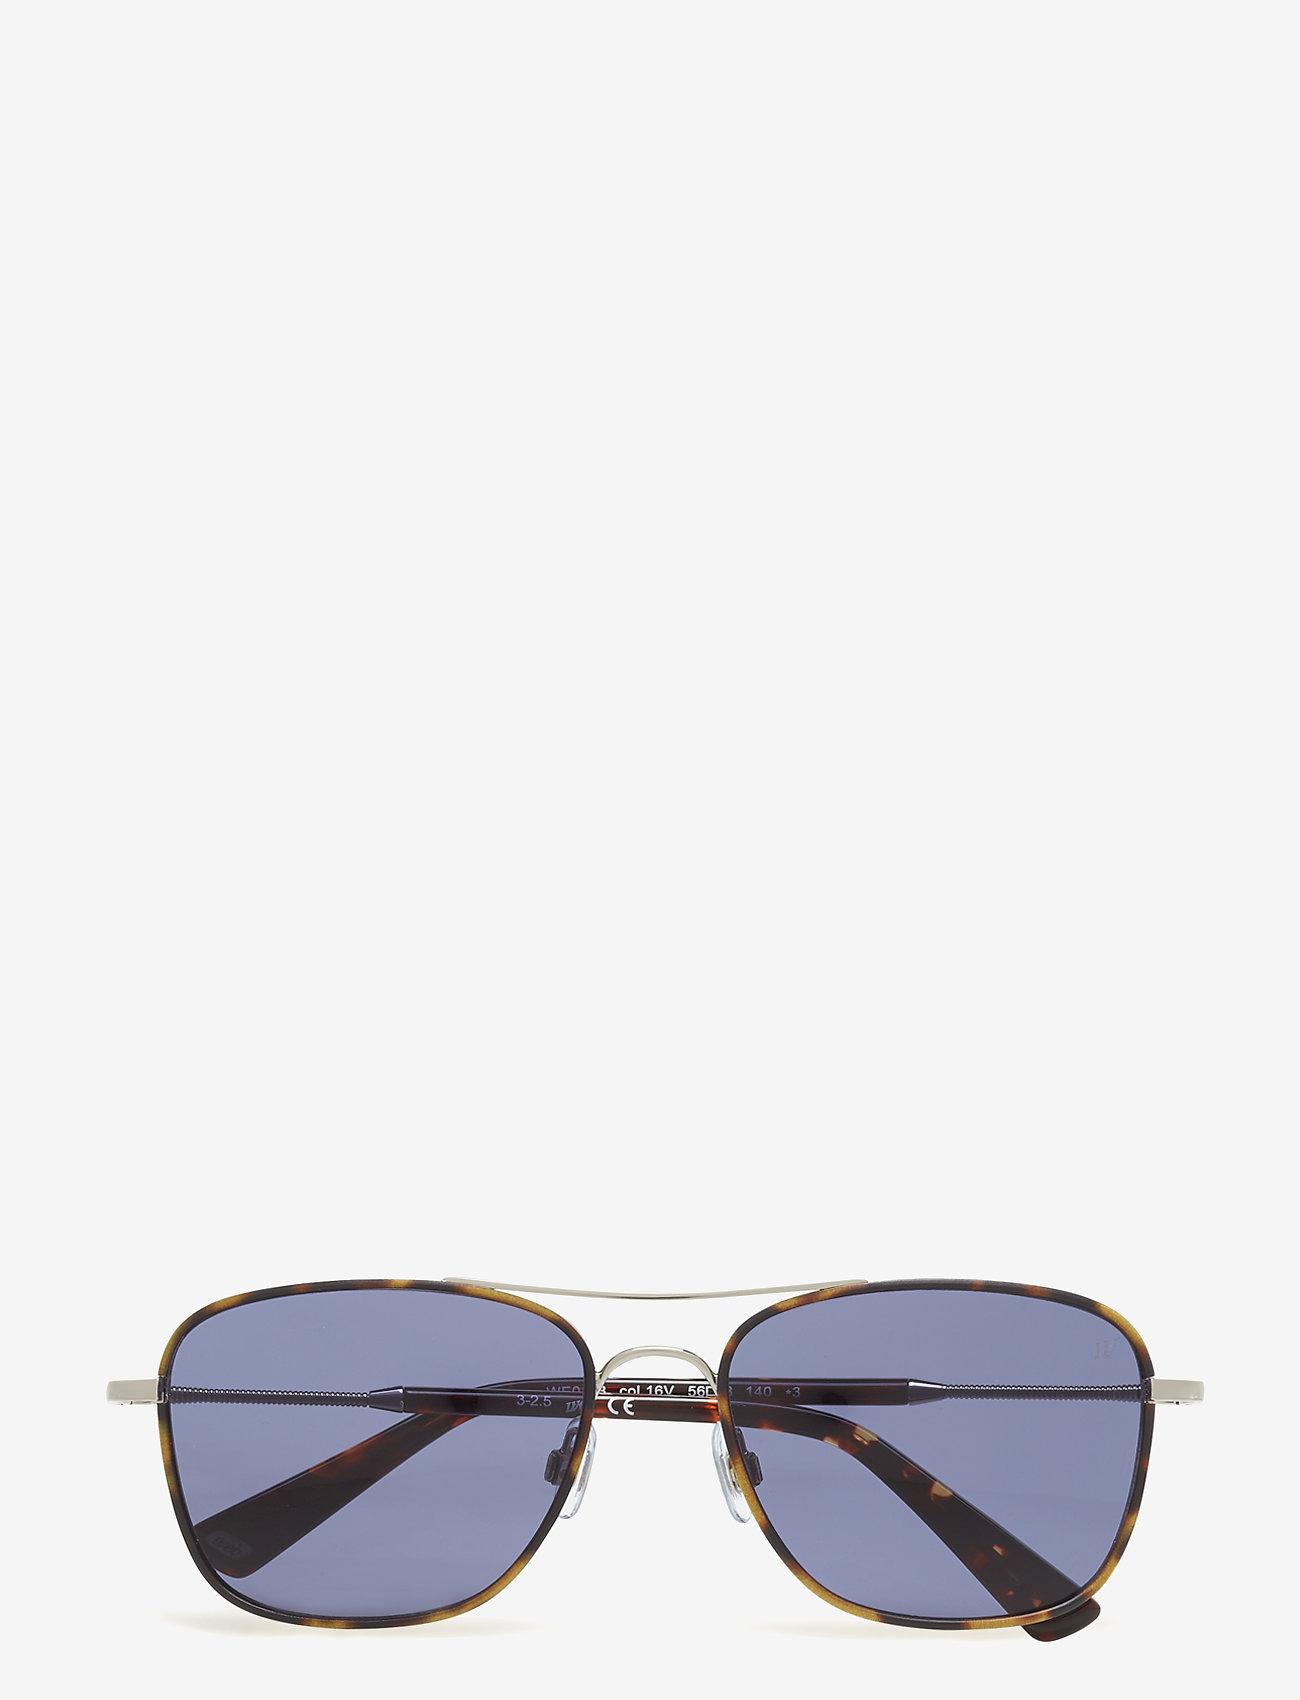 Web Eyewear - WE0163 - okulary przeciwsłoneczne w kształcie litery d - 16v -shiny palladium / blue - 0